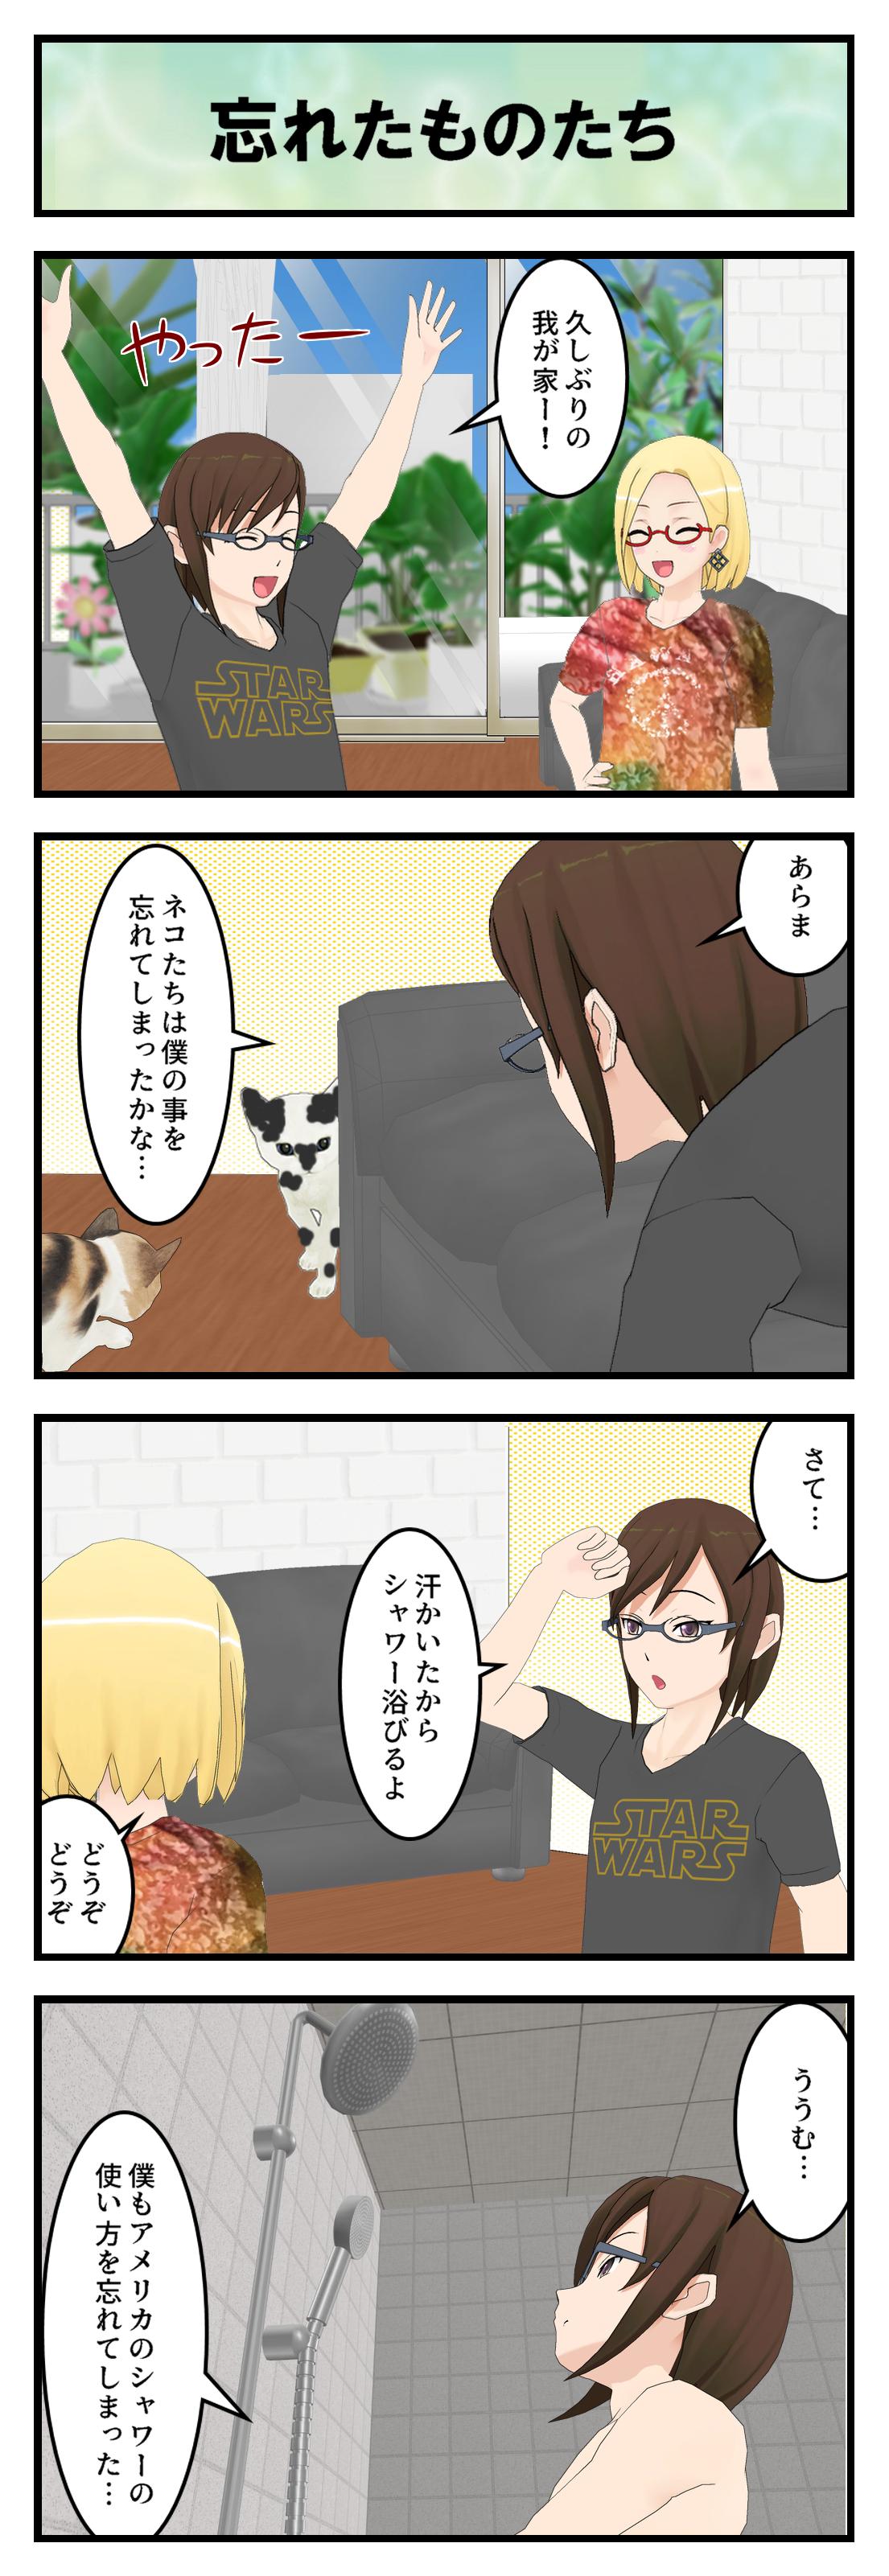 R009_シャワー_001